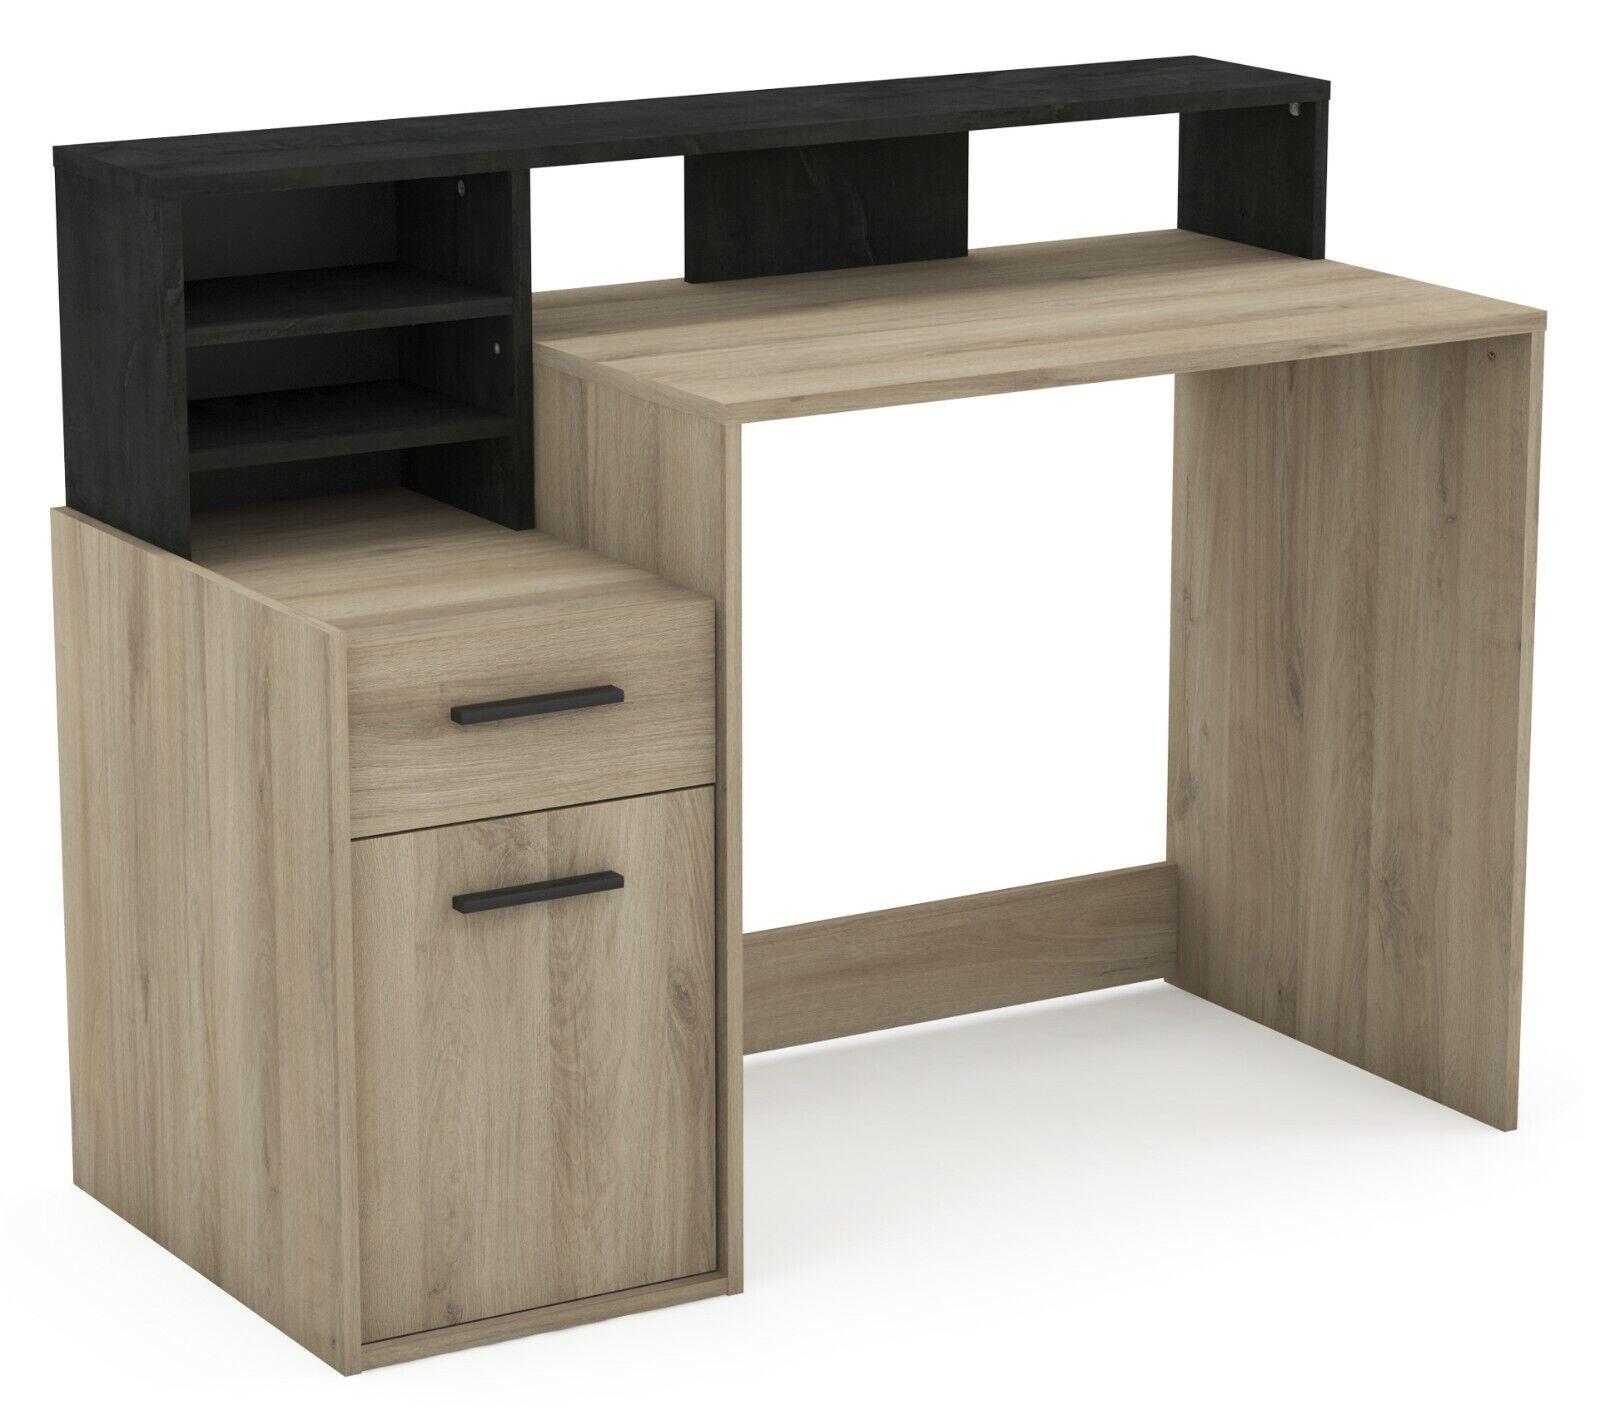 Mesa escritorio ordenador despacho estudio habitacion industrial Urano 126x60x94